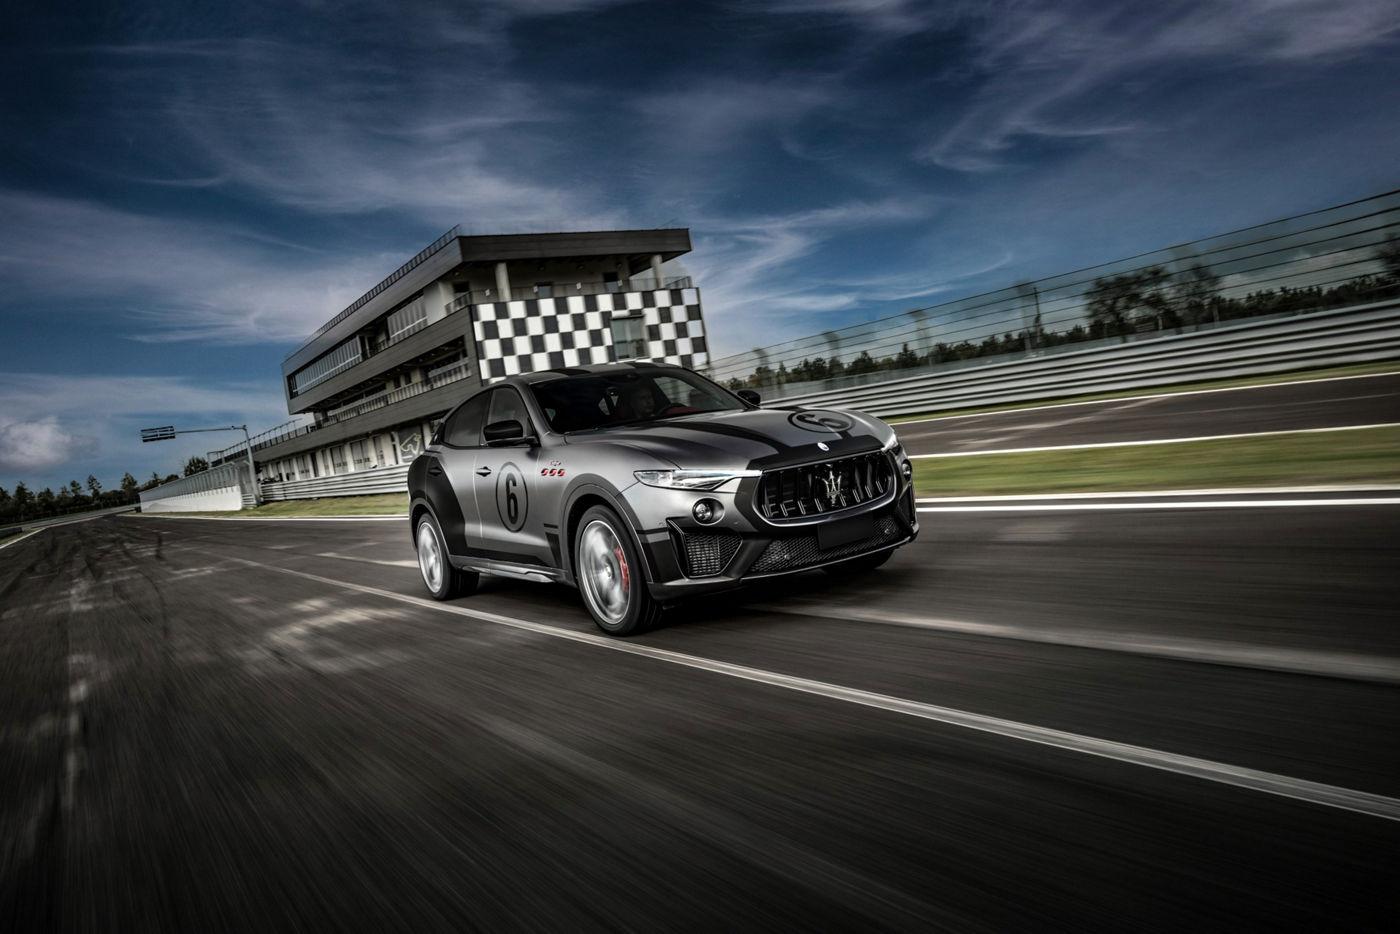 Maserati Levante Trofeo auf der Rennstrecke - Maserati Fahrtraining